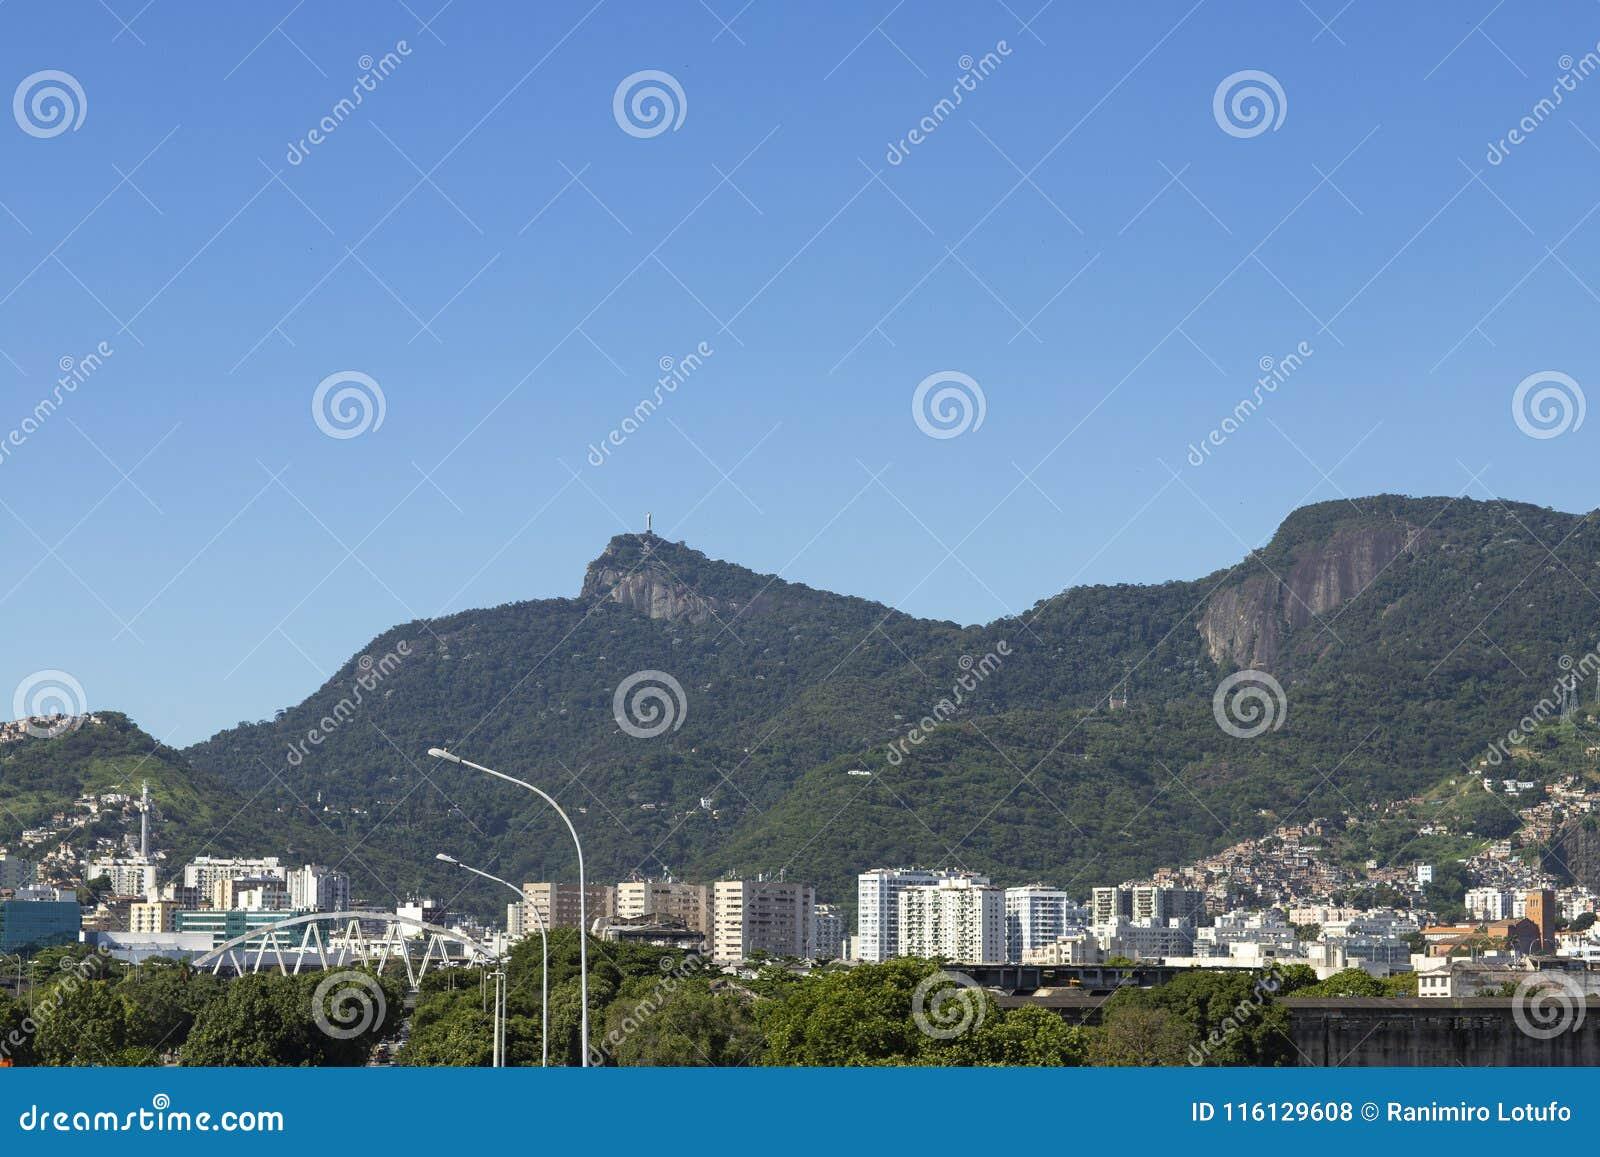 Christ Redeemer seen from afar in Rio de Janeiro, Brazil